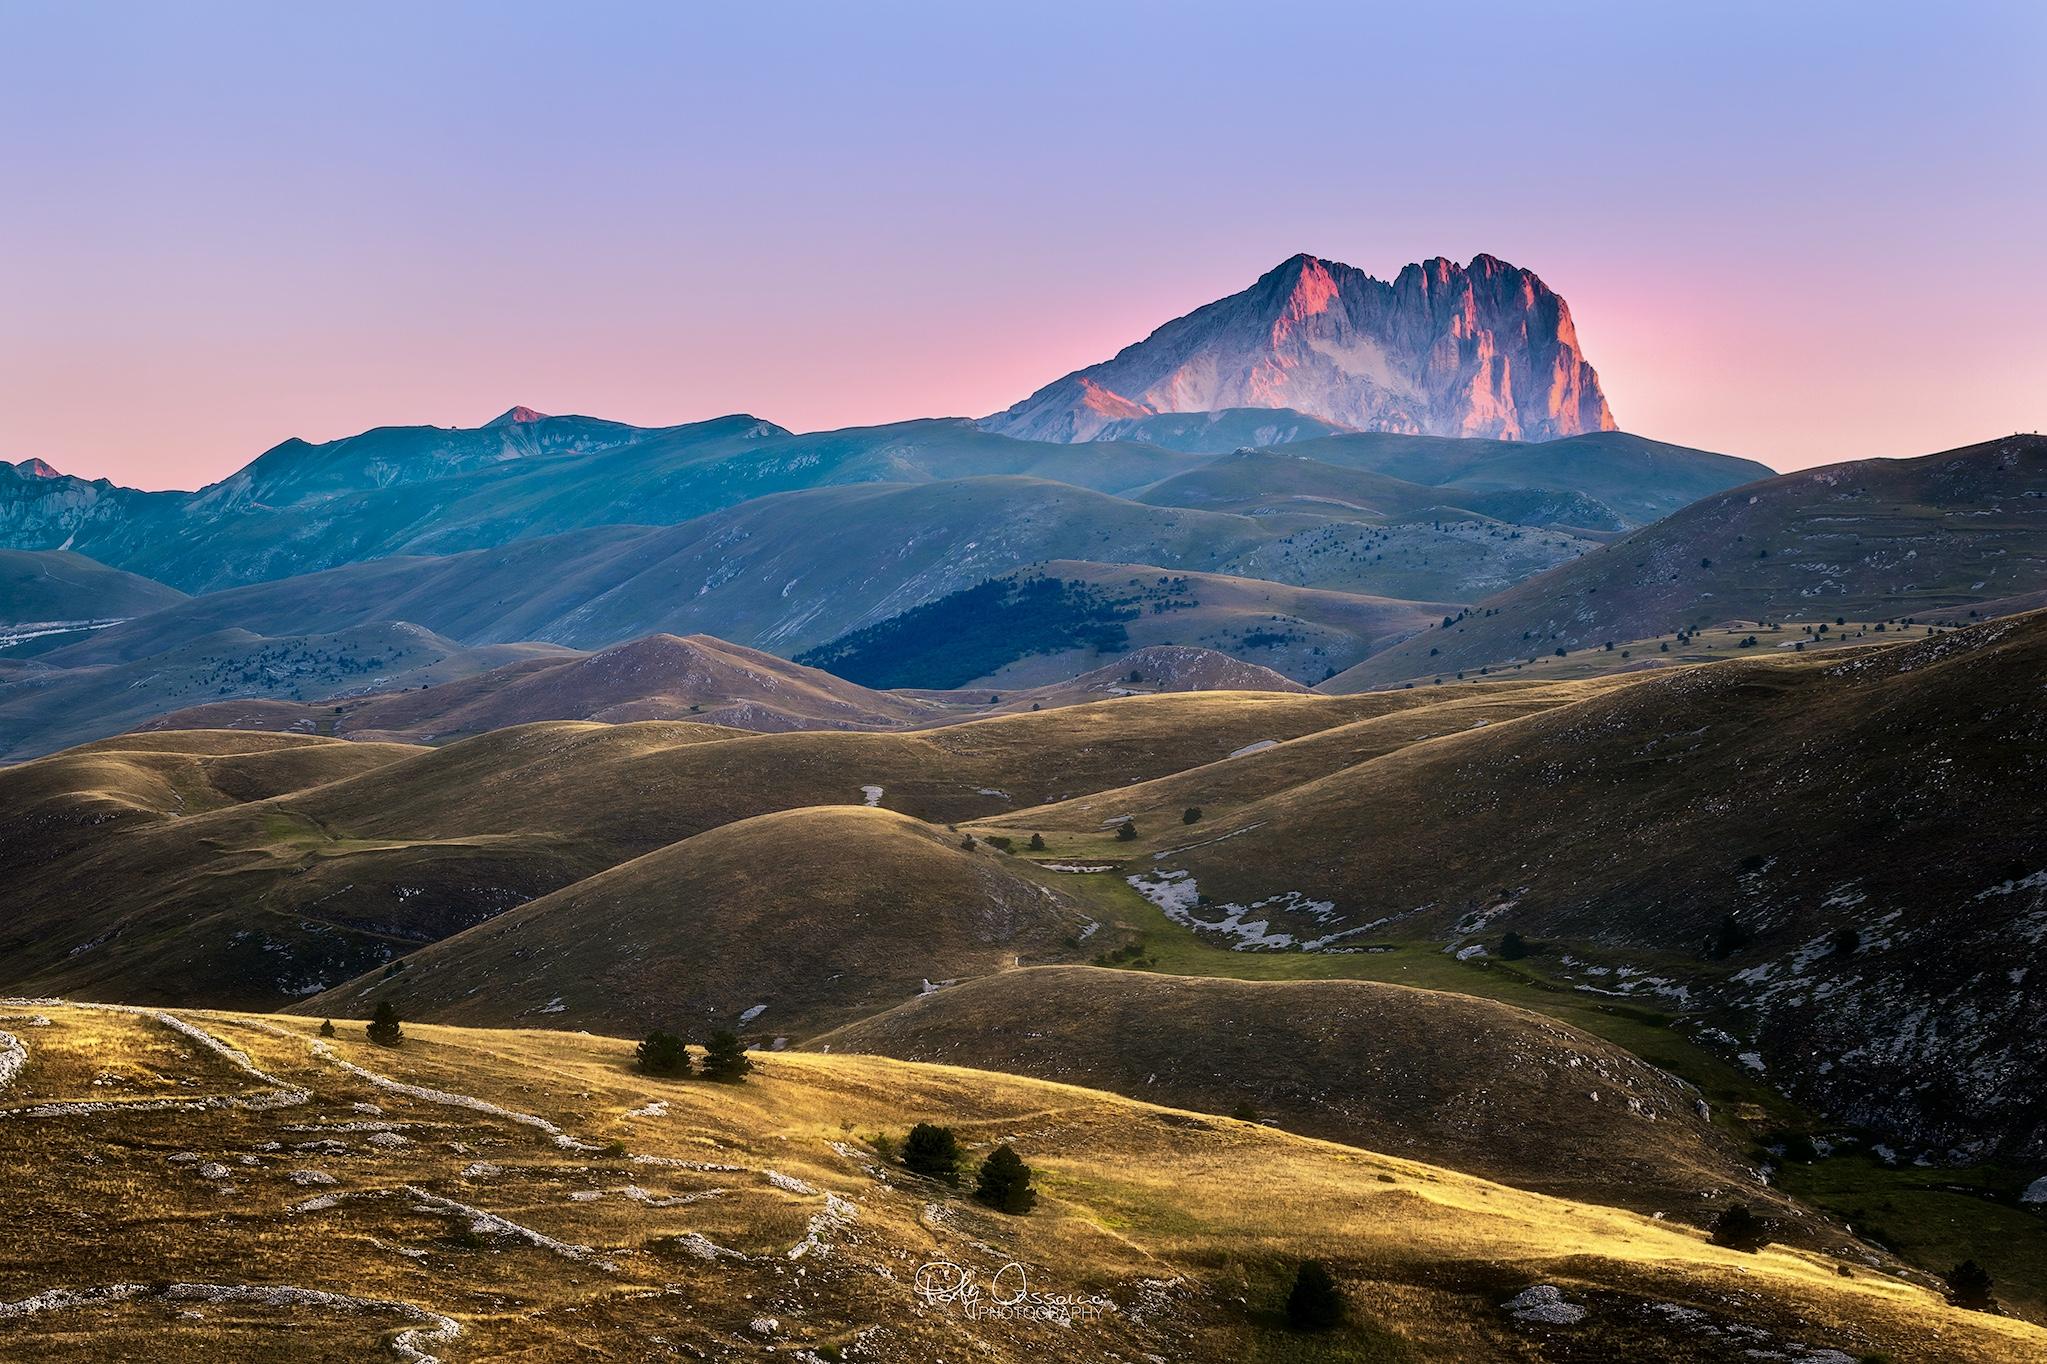 Particolare del Gran Sasso  all'alba da Rocca Calascio - Foto di Paky Cassano